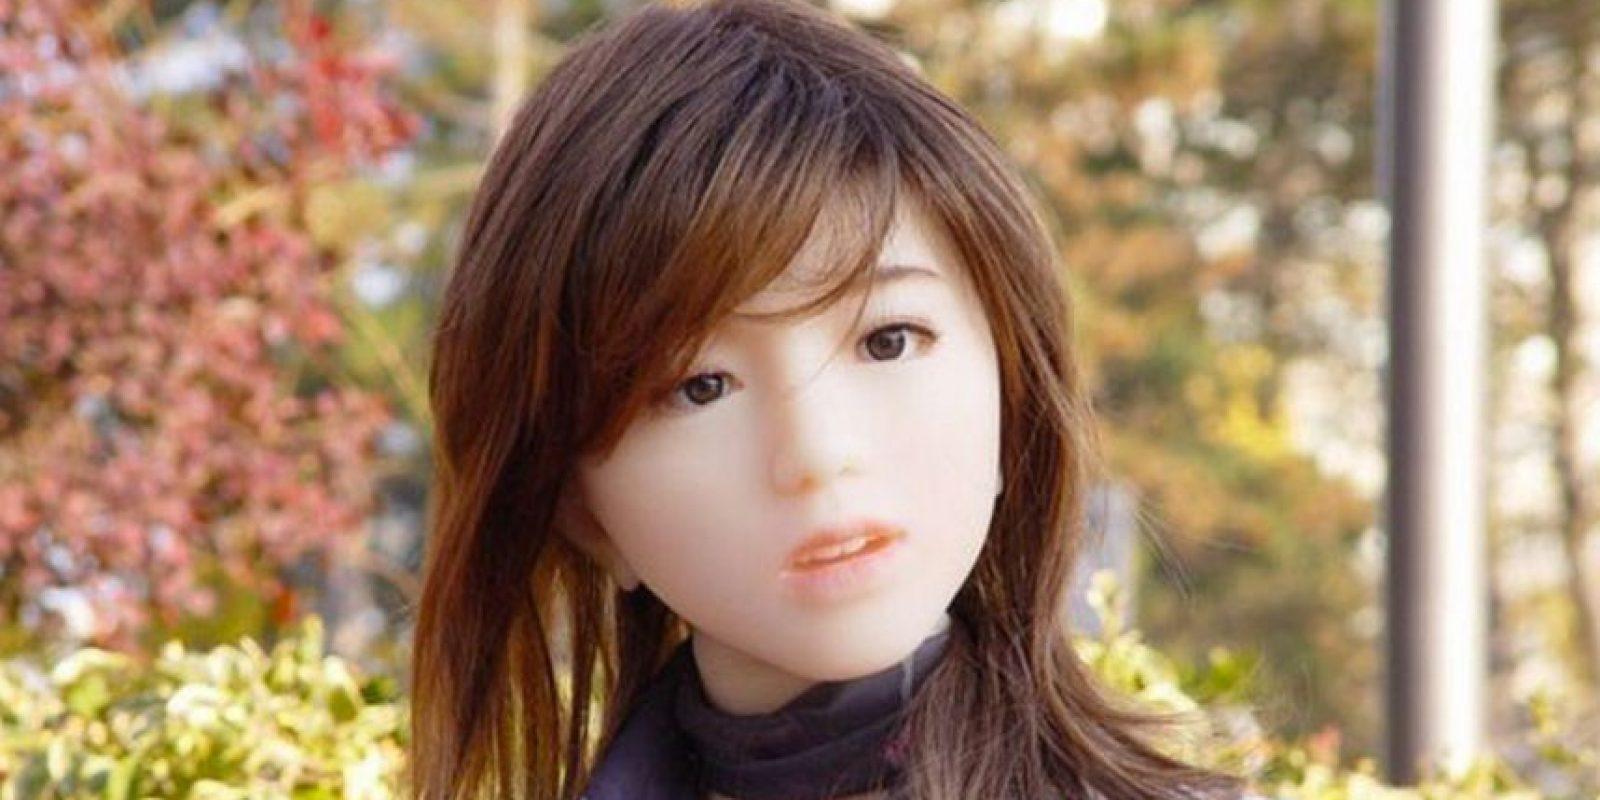 """""""Aiko"""" es un proyecto presentado en Canadá de un humanoide de aspecto femenino con sensores en los pechos y en la vagina artificial con los que el robot """"siente placer"""" Foto:Wikicommons"""